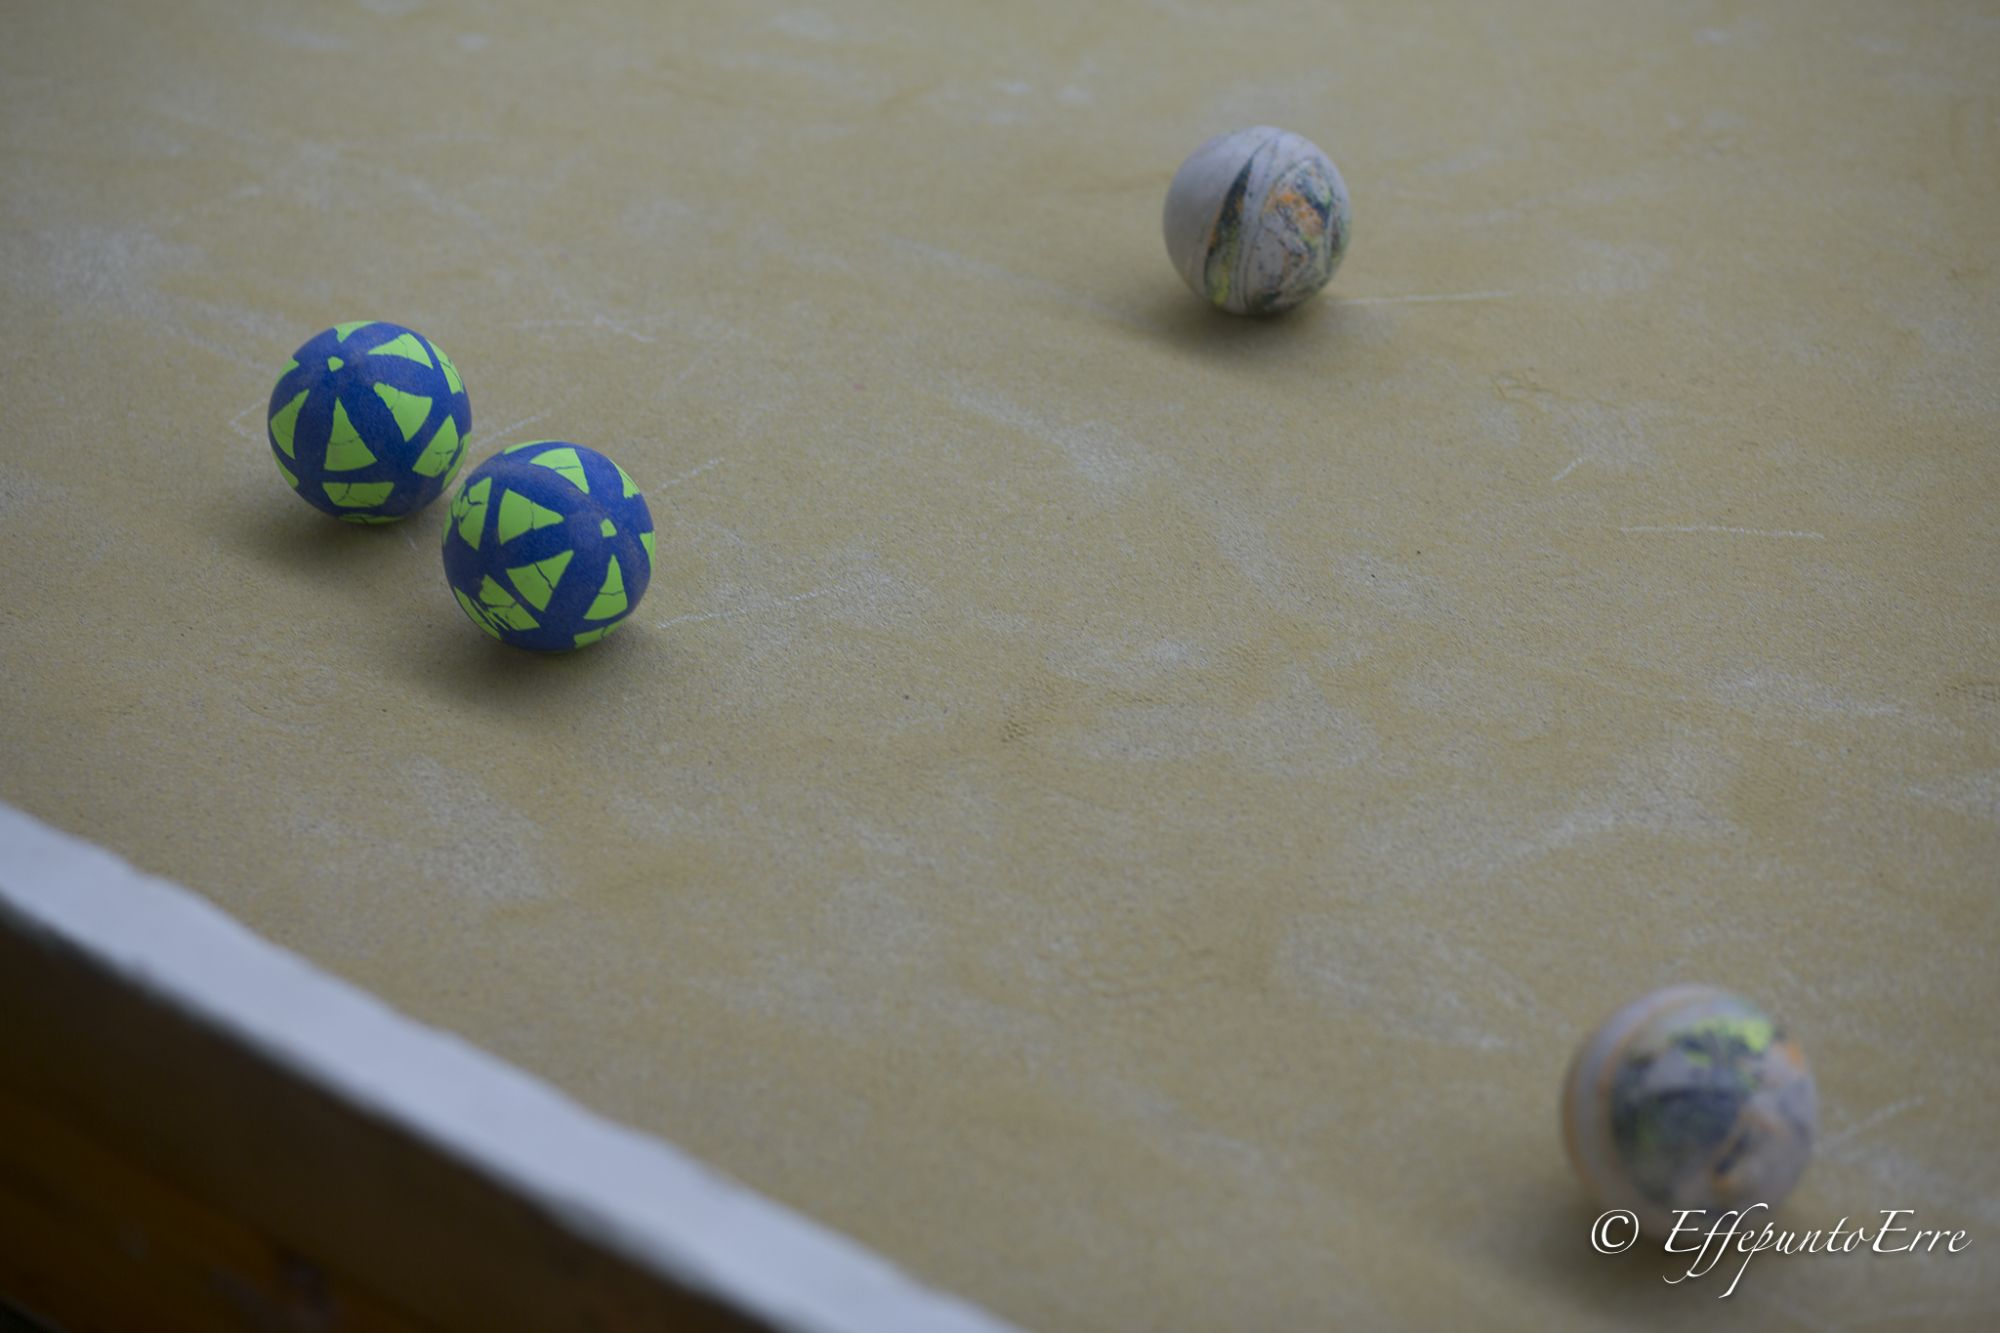 Il gioco delle bocce entra a scuola per favorire lo sviluppo psicomotorio dei più giovani e l'inclusione dei ragazzi con disabilità